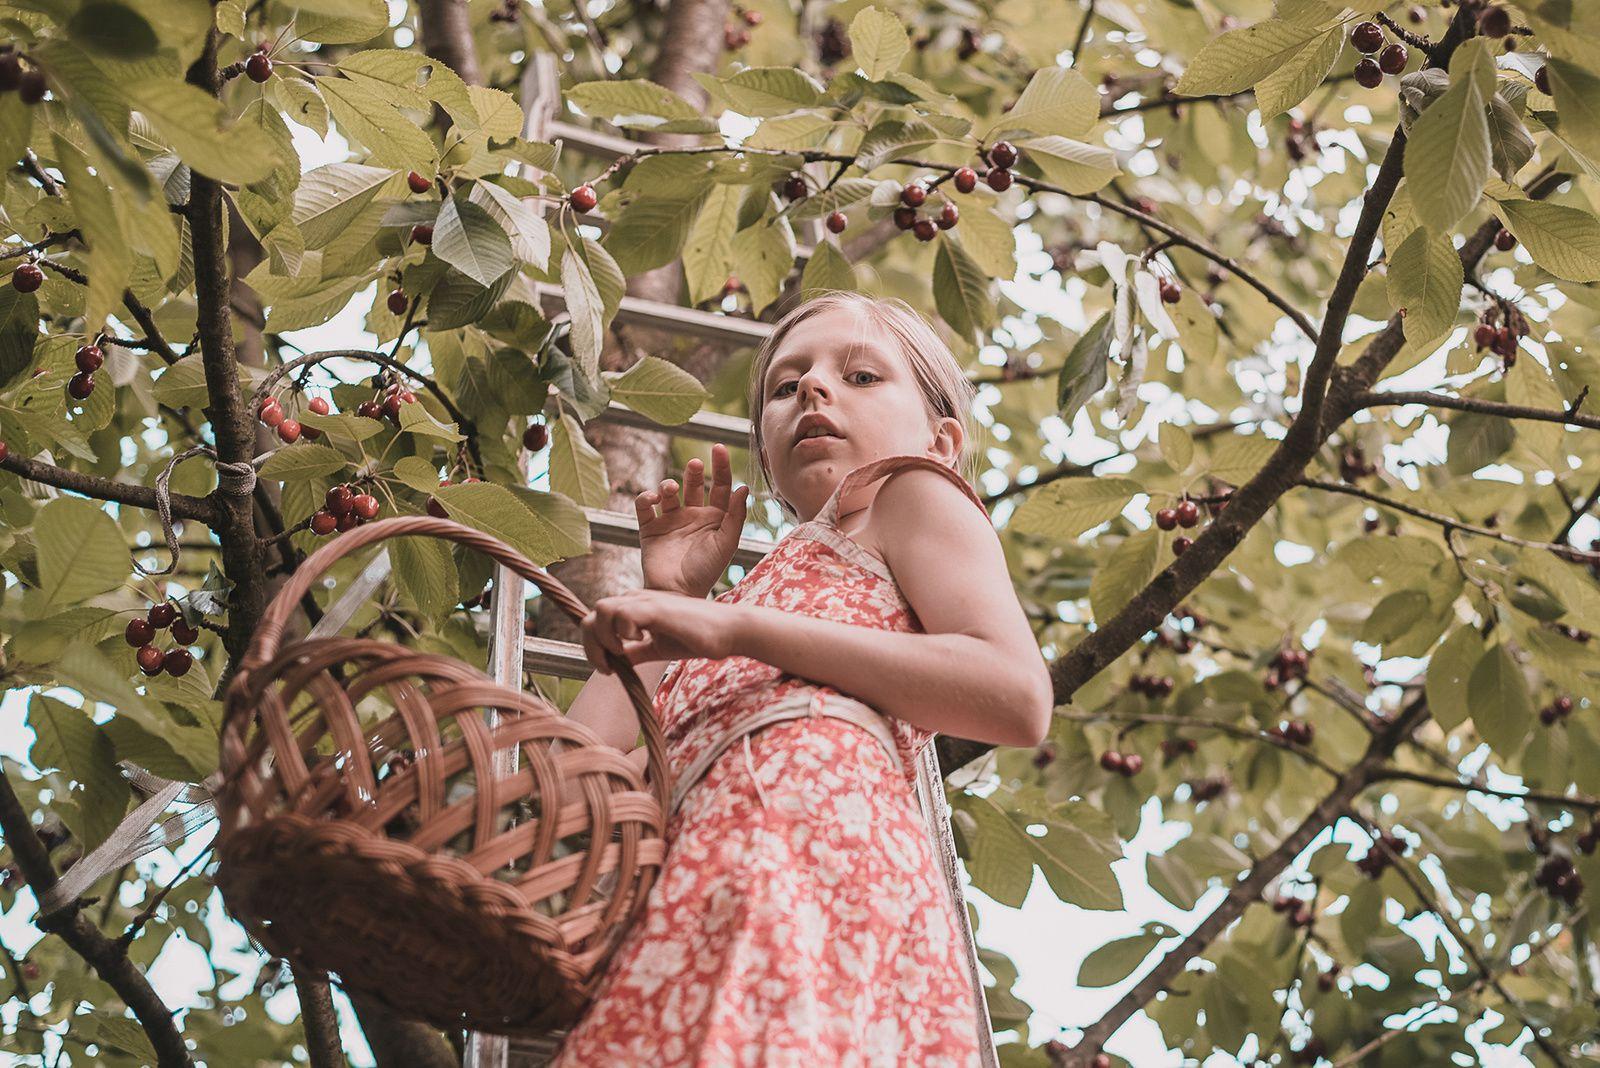 Séance photo cueillette de cerises en Normandie